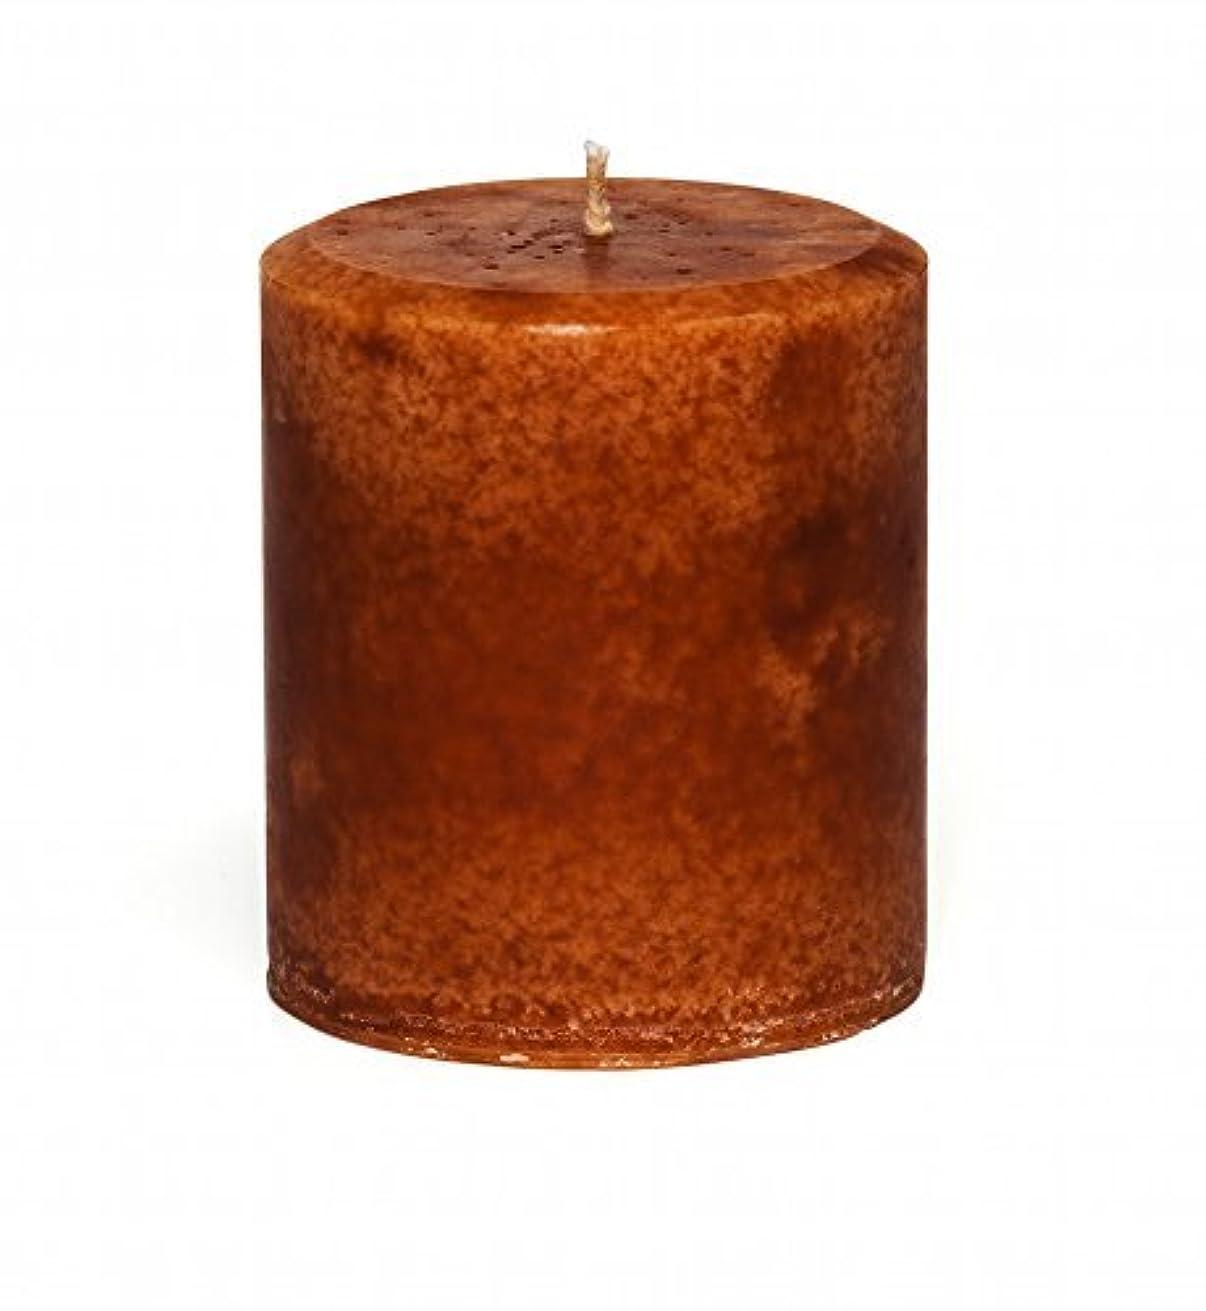 専制盆地浸漬Jensanシナモンオレンジ香りつき装飾Pillar Candle、ハンドメイド – 装飾 – 強力な香り